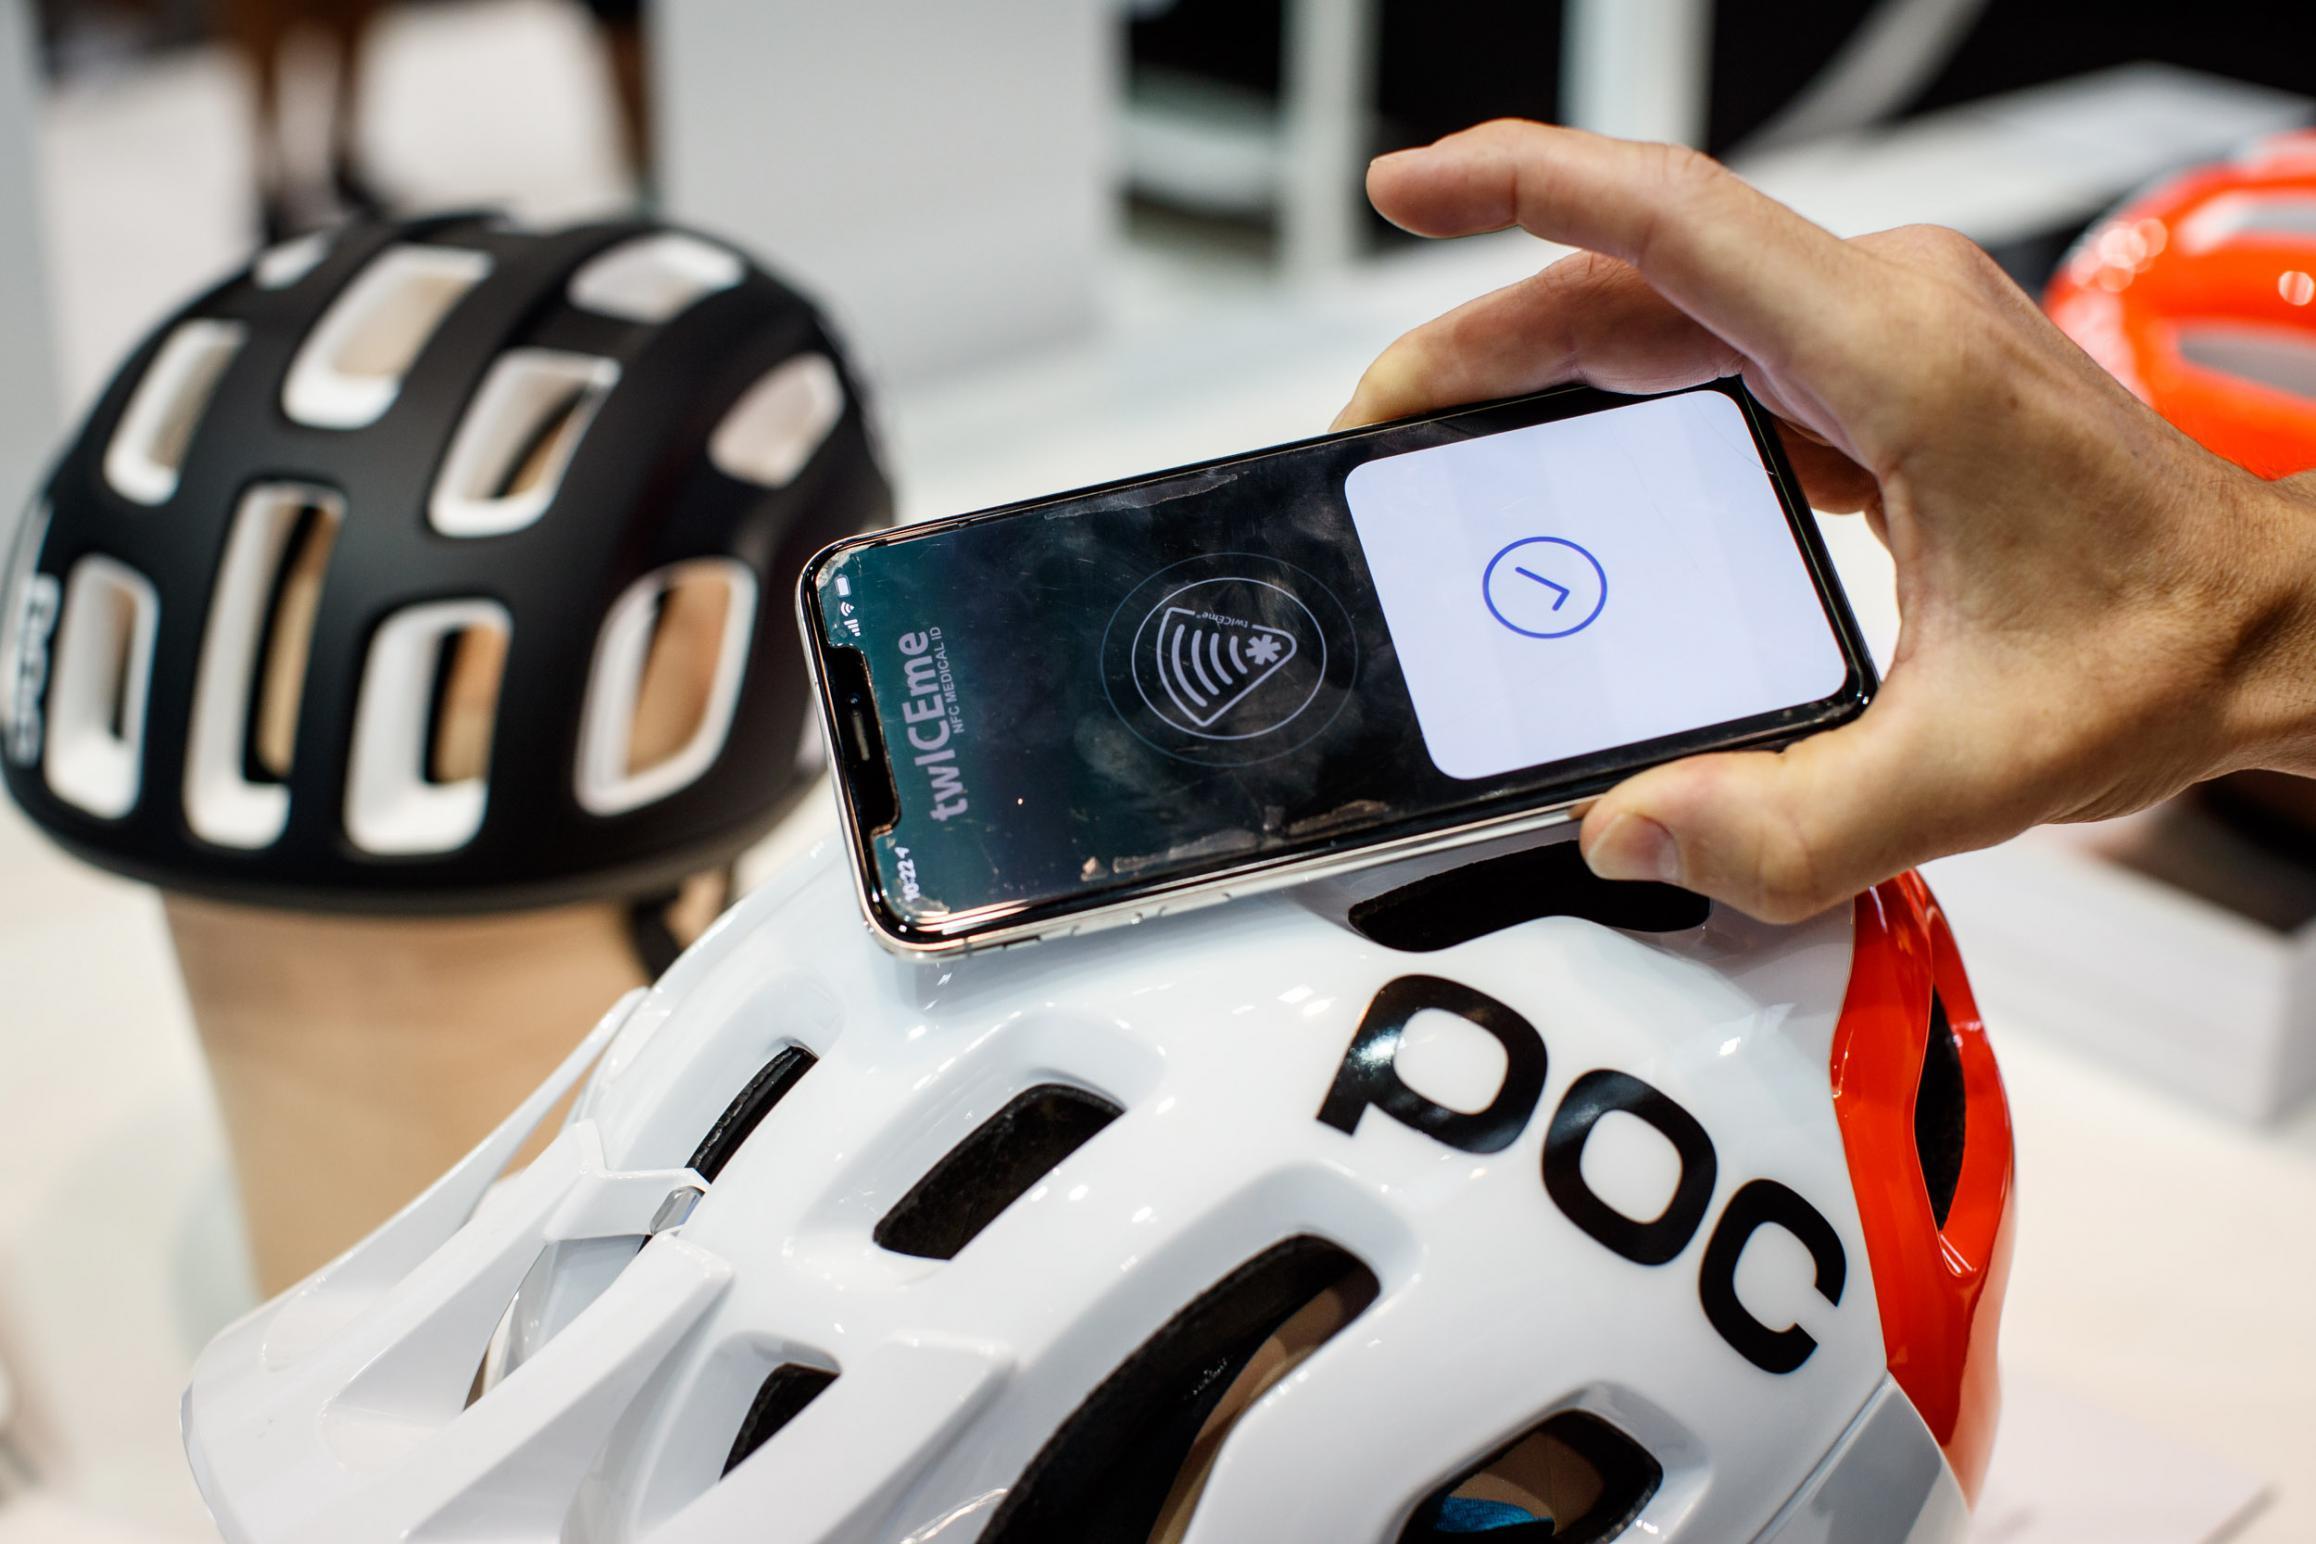 Der im Helm integrierte NFC-Chip kann optional mit medizinischen und persönlichen Notfalls-Daten bespielt werden. Das Auslesen erfolgt über diekostenlose twICEme-App oder mit jedem NFC-fähigen Smartphone.